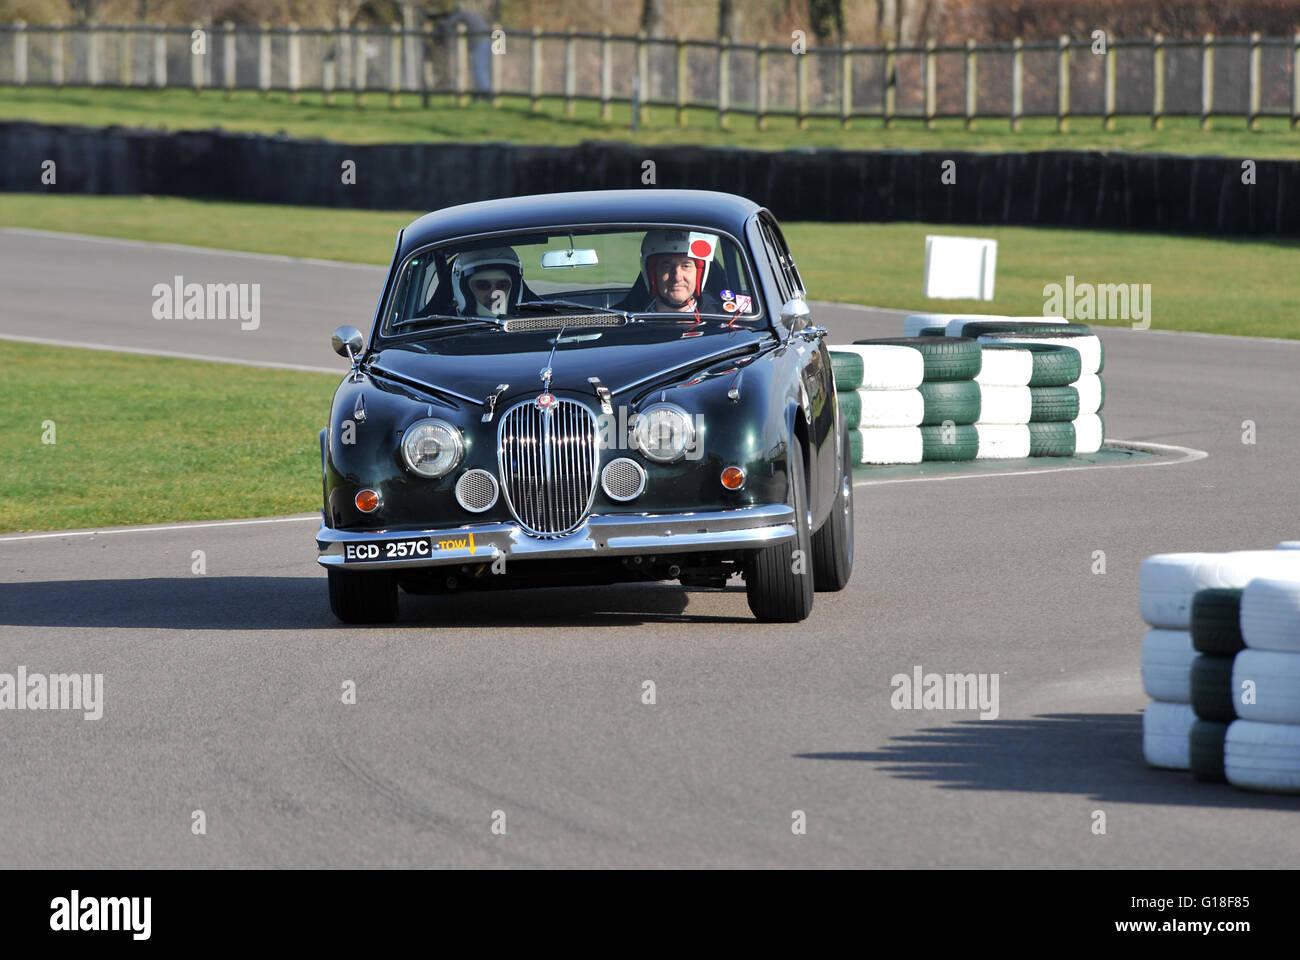 Mk2 Jaguar Racing Car On Track At Goodwood Stock Photo 104064469